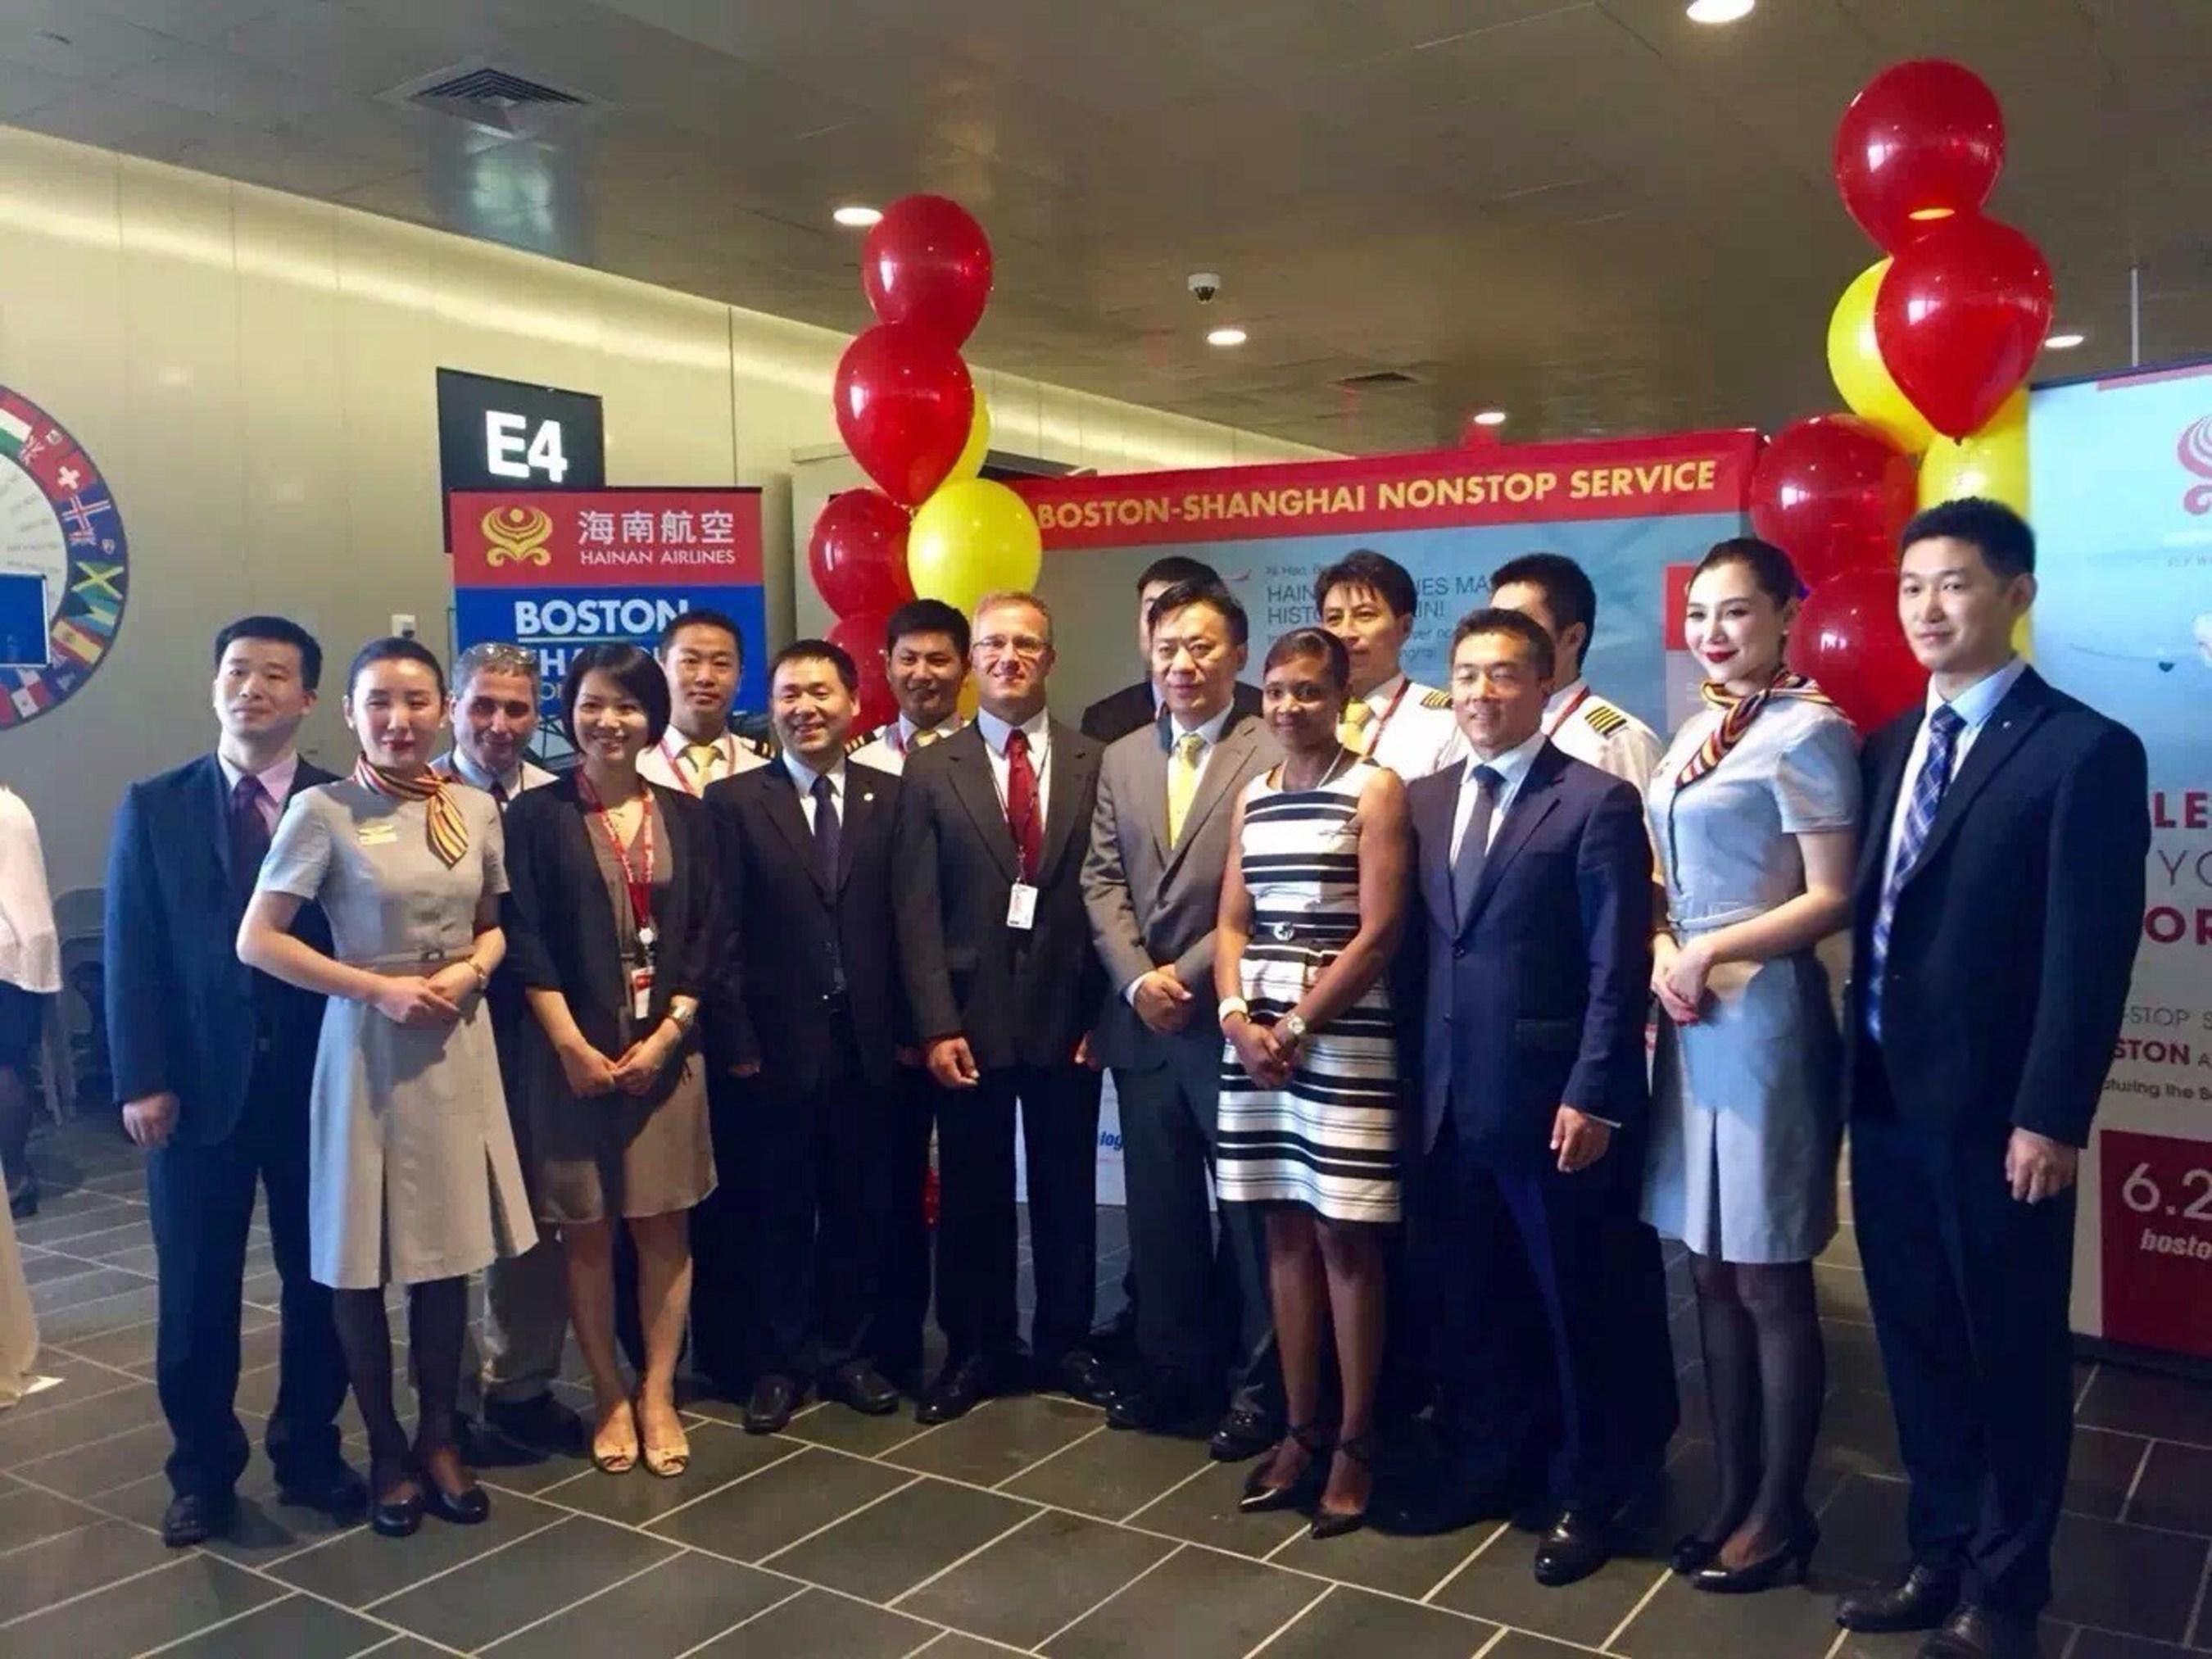 Hainan Airlines eröffnet Verbindung für Hin- und Rückflüge zwischen Shanghai und Boston